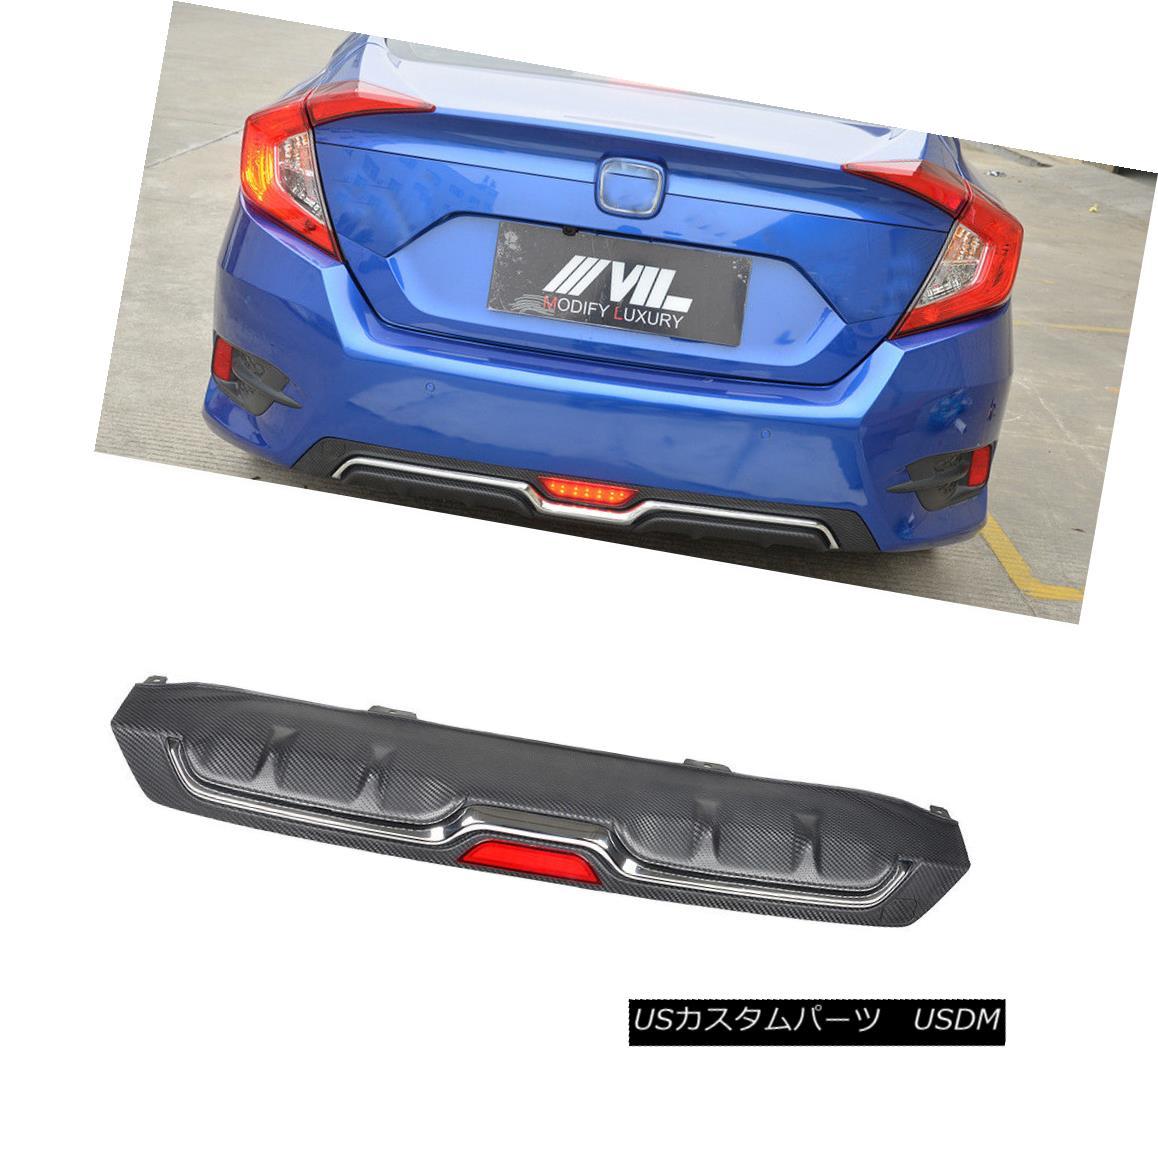 エアロパーツ Rear Bumper Diffuser Auto Lip With Light Fit For 2016-2017 Honda Civic Sedan 2016-2017ホンダシビックセダン用ライトフィット付きリアバンパーディフューザーオートリップ